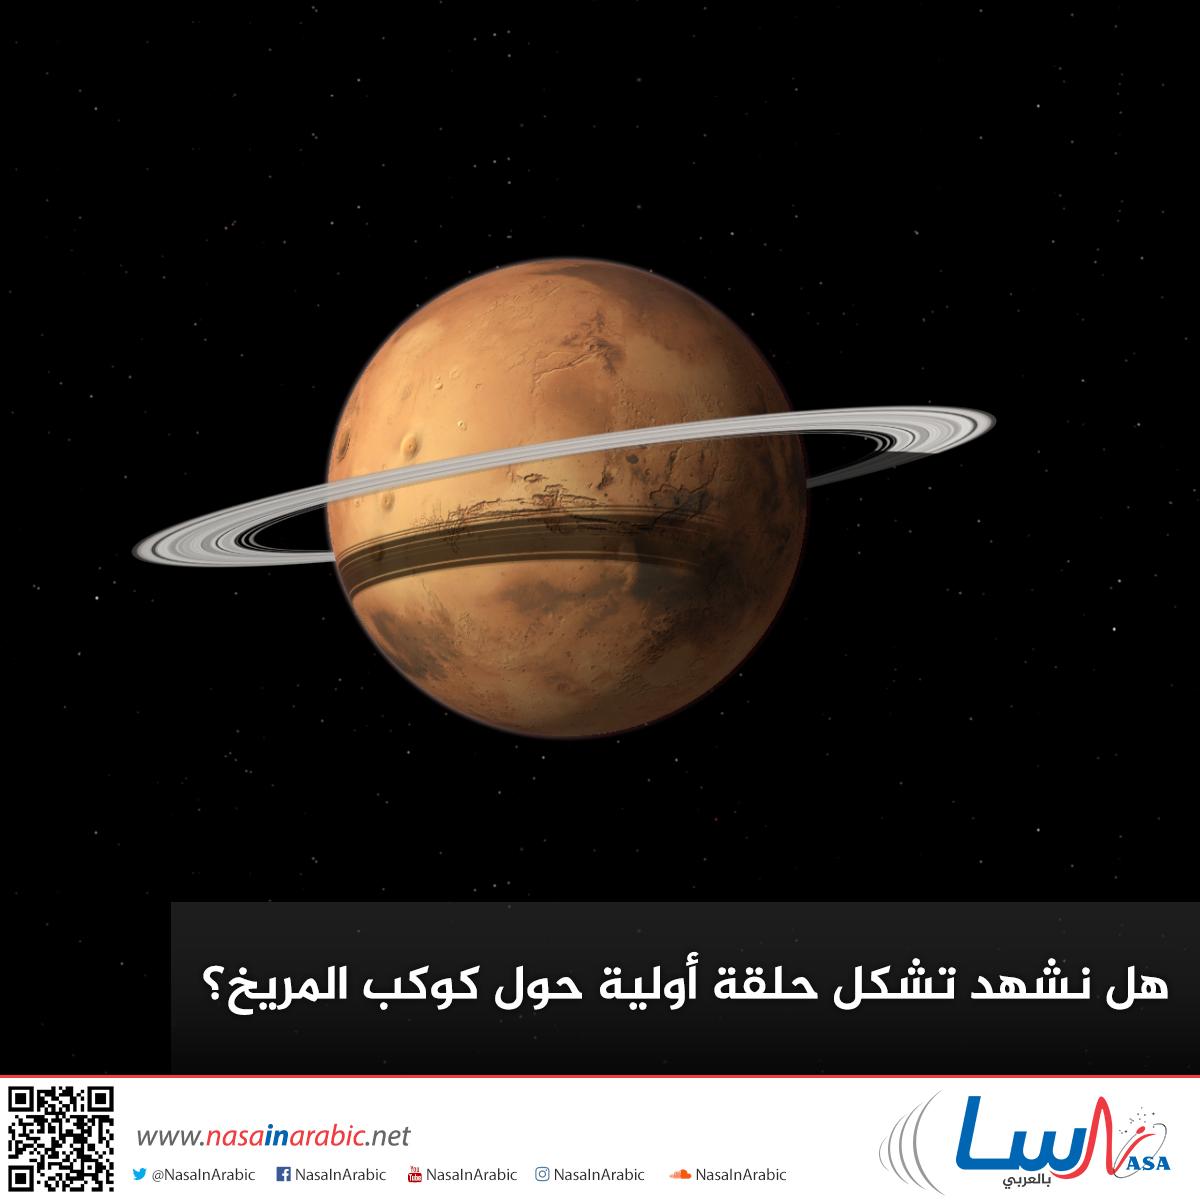 هل نشهد تشكل حلقة أولية حول كوكب المريخ؟